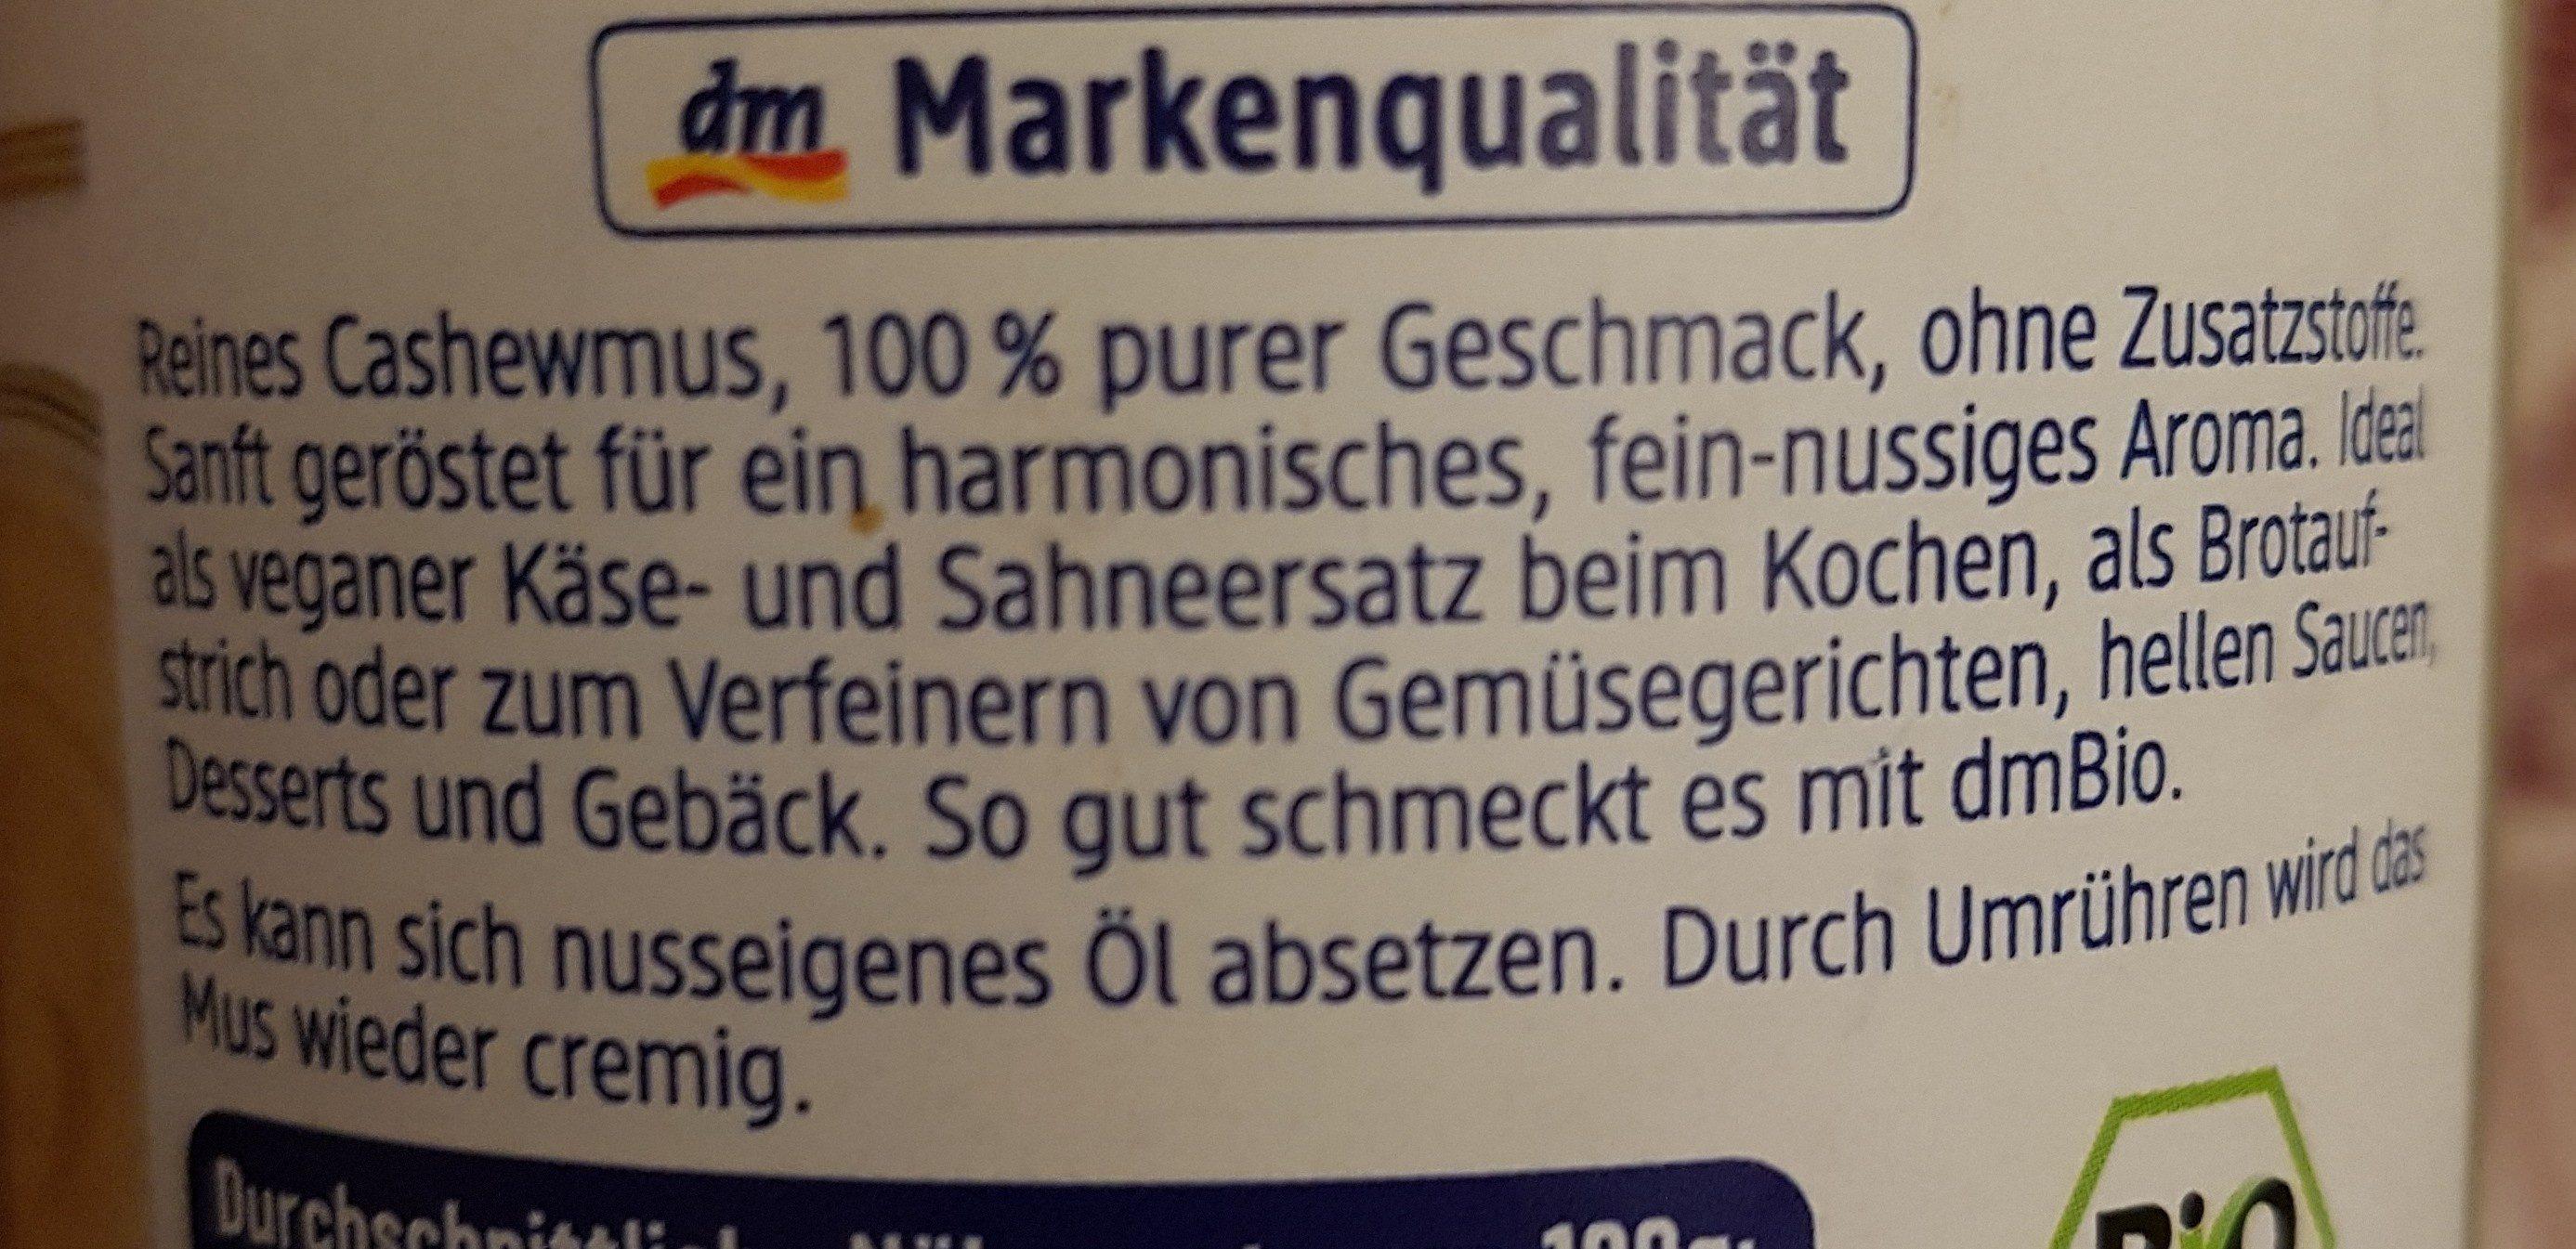 Cashewmus - Ingredients